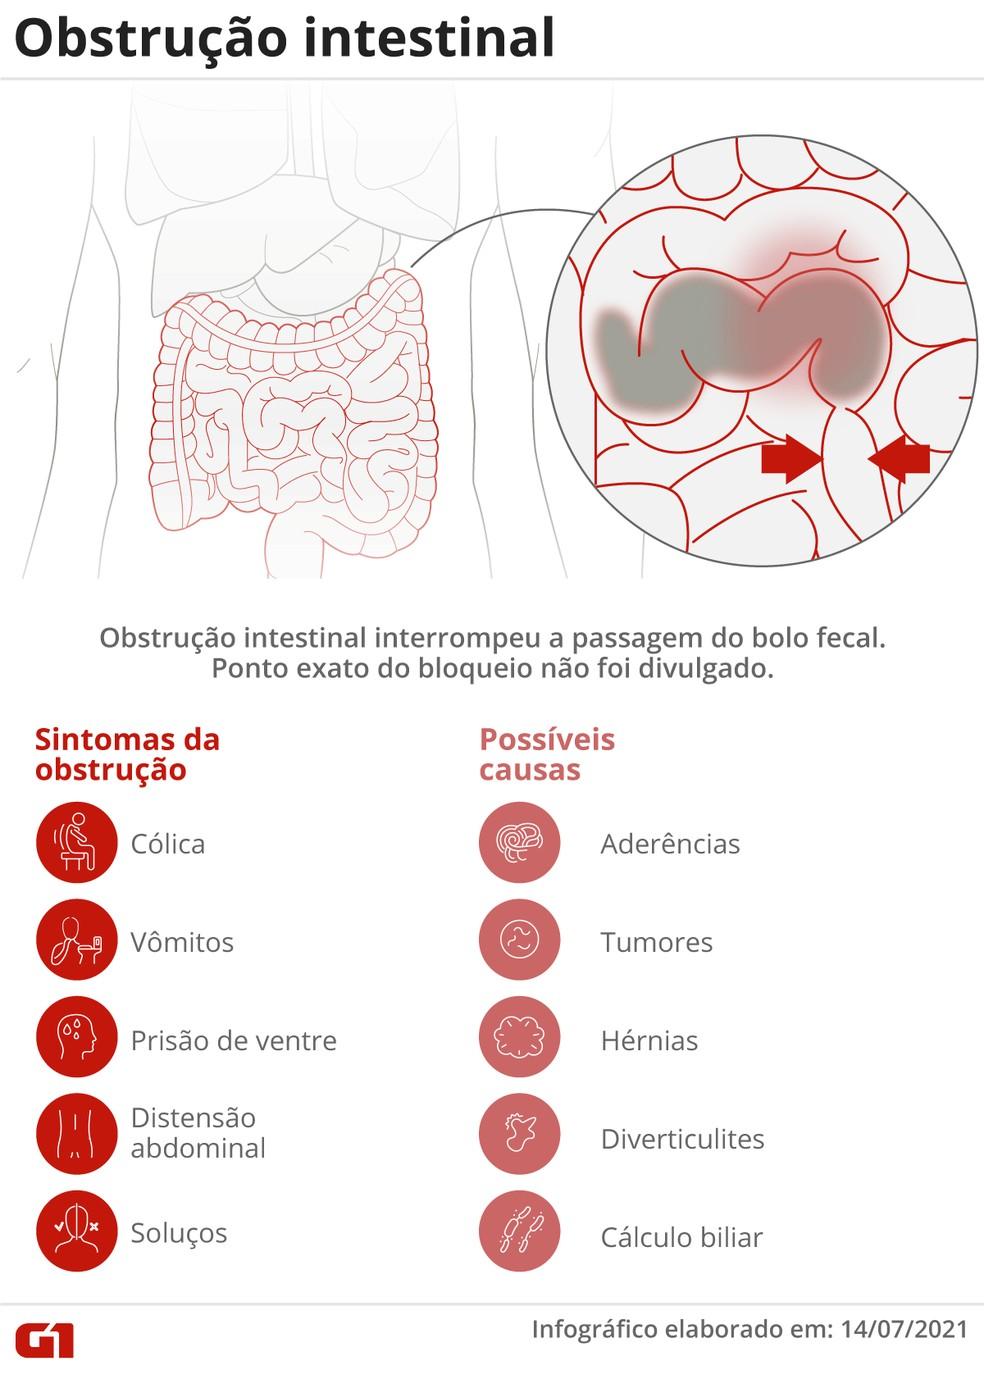 Obstrução intestinal: entenda o quadro de Bolsonaro — Foto: Arte/G1